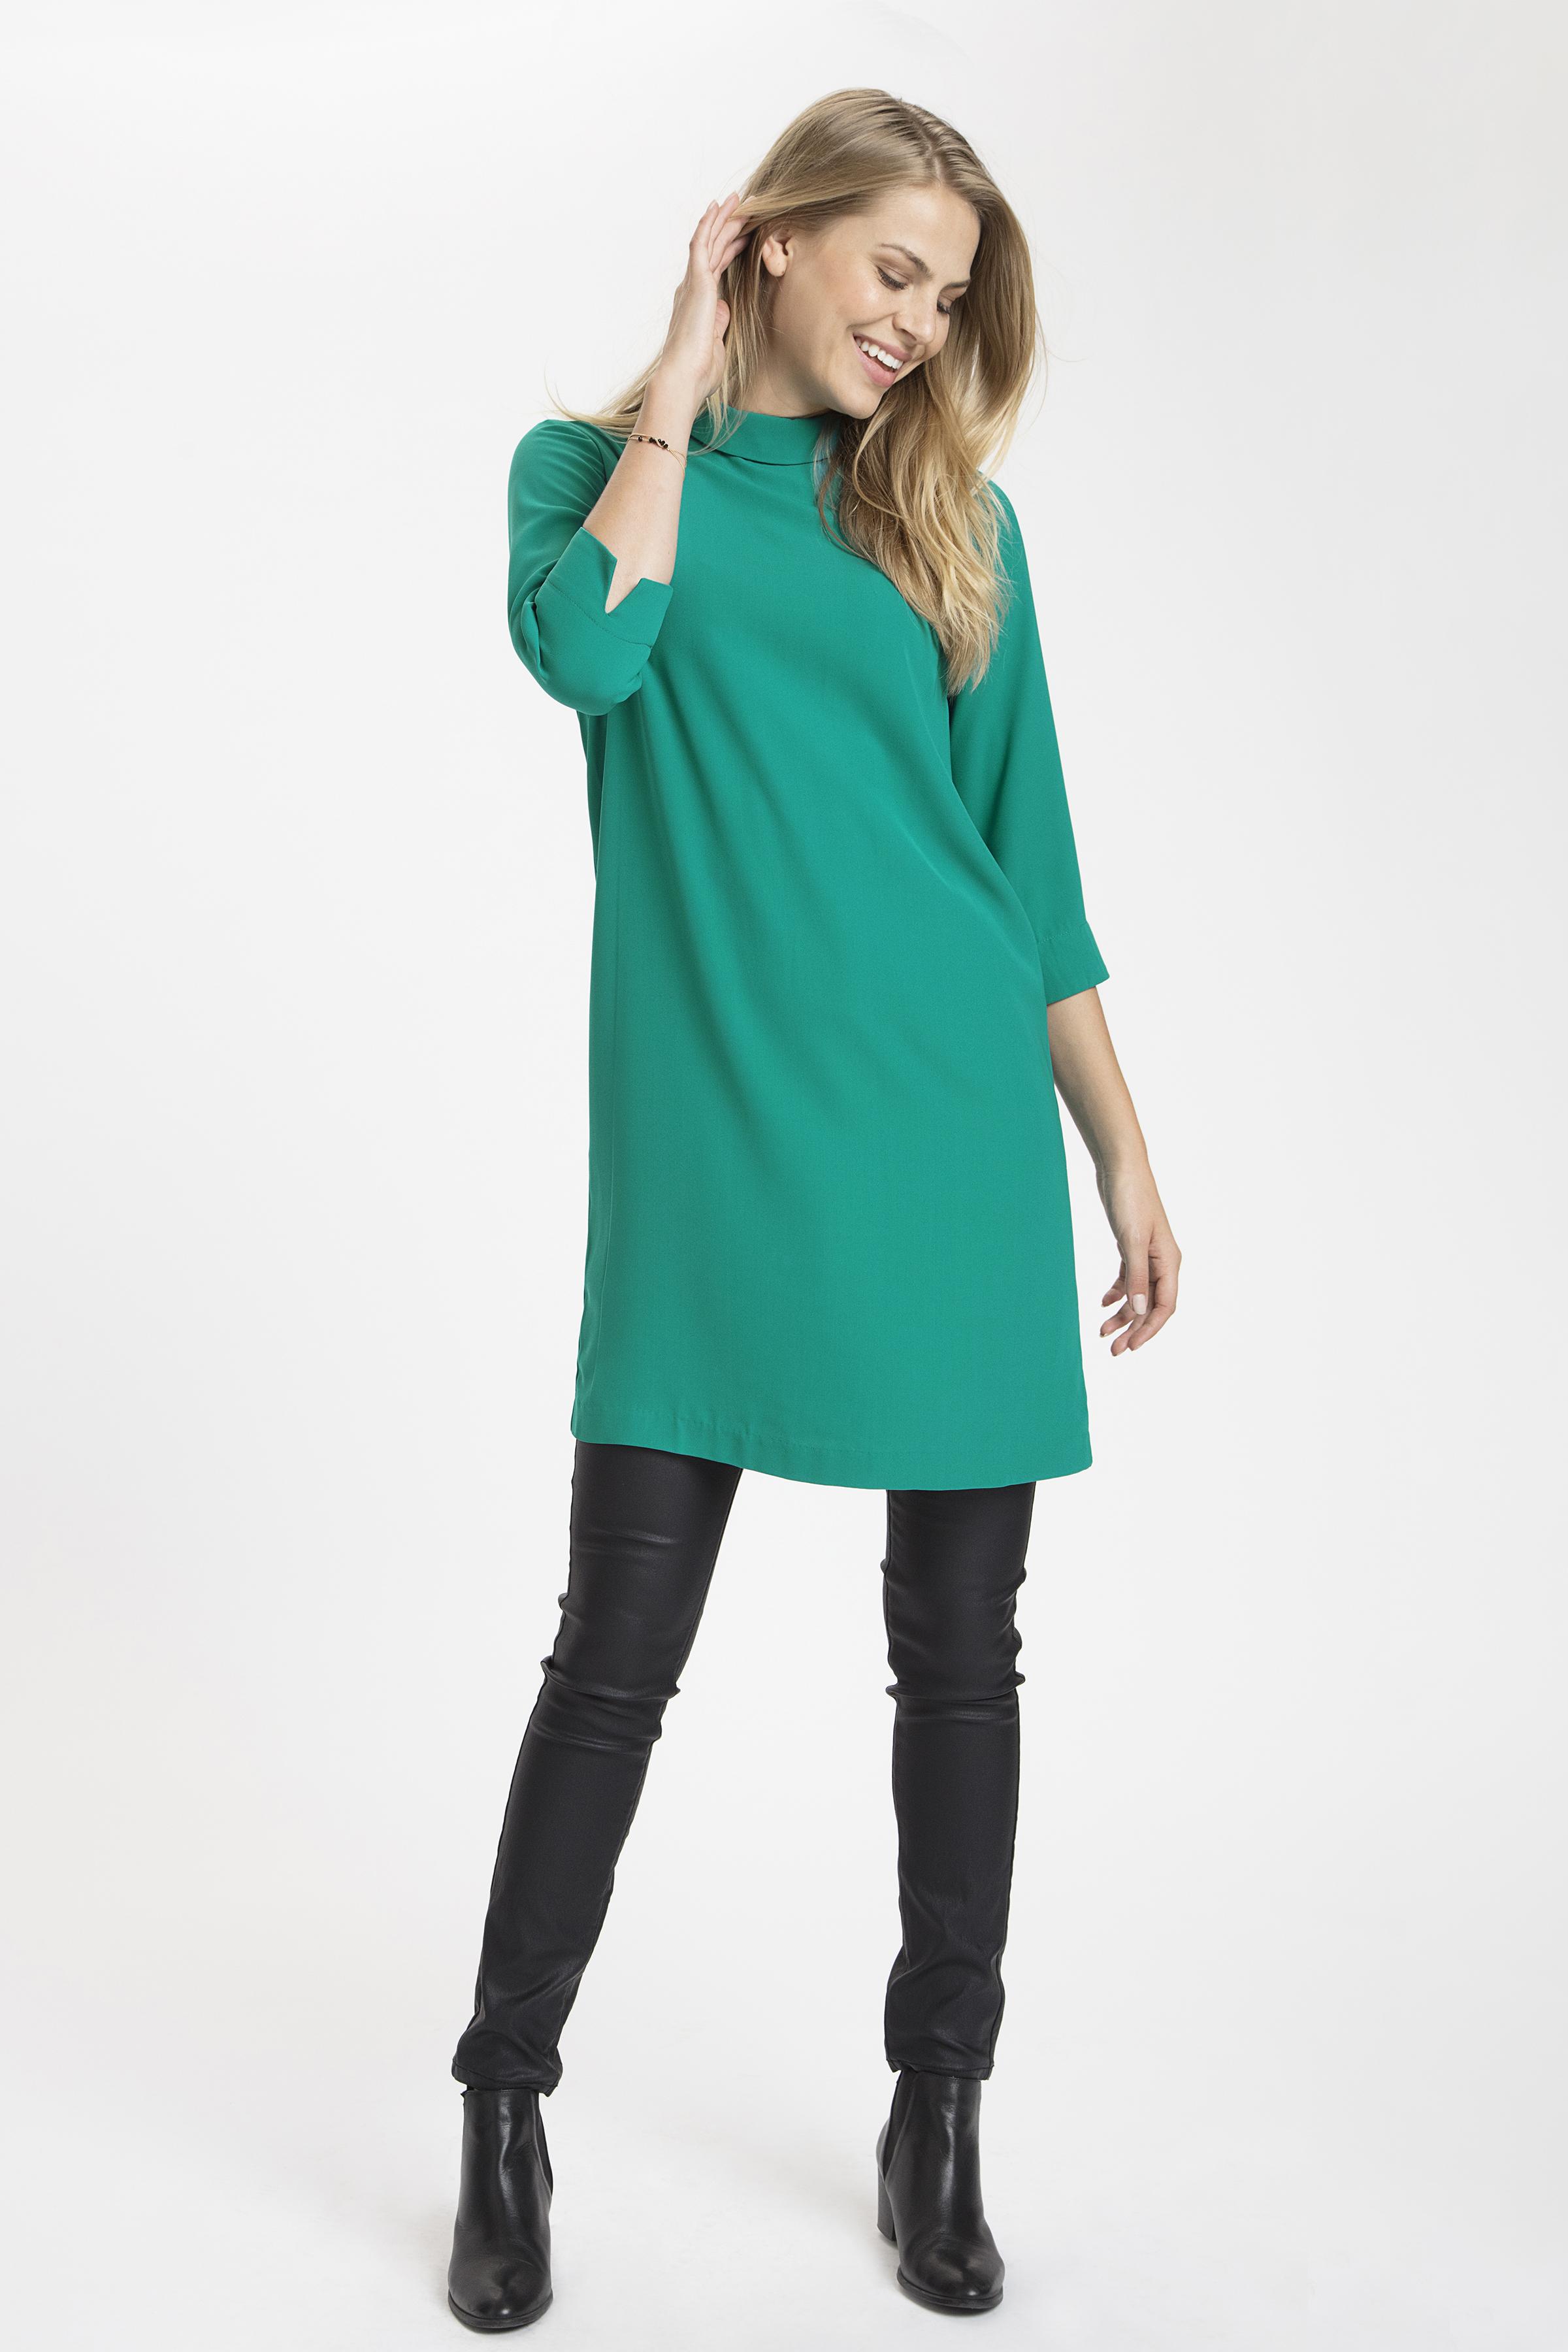 Turkosgrön Klänning från Fransa – Köp Turkosgrön Klänning från stl. XS-XXL här